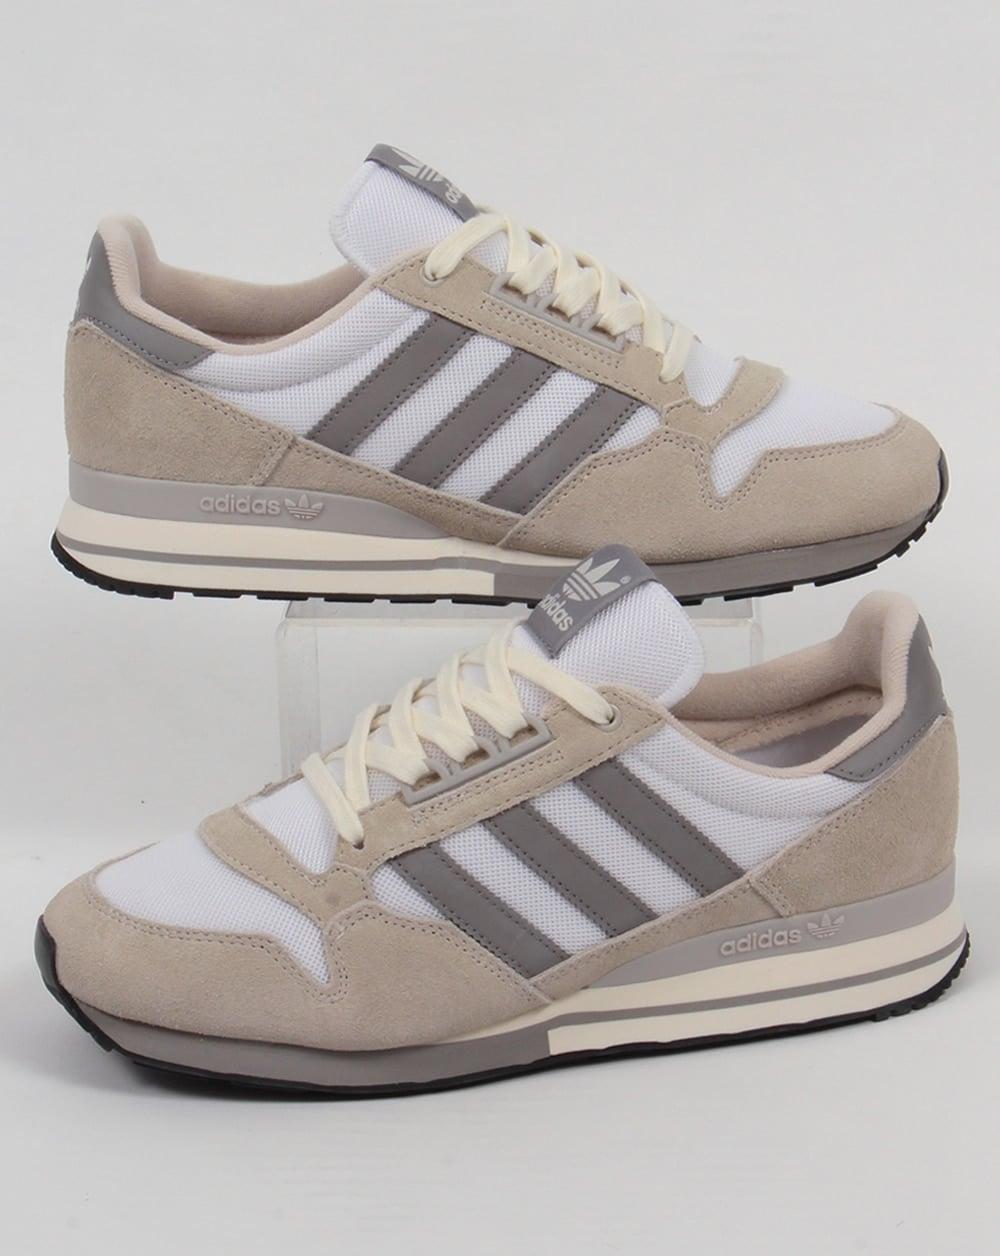 adidas originals zx 500 og trainers